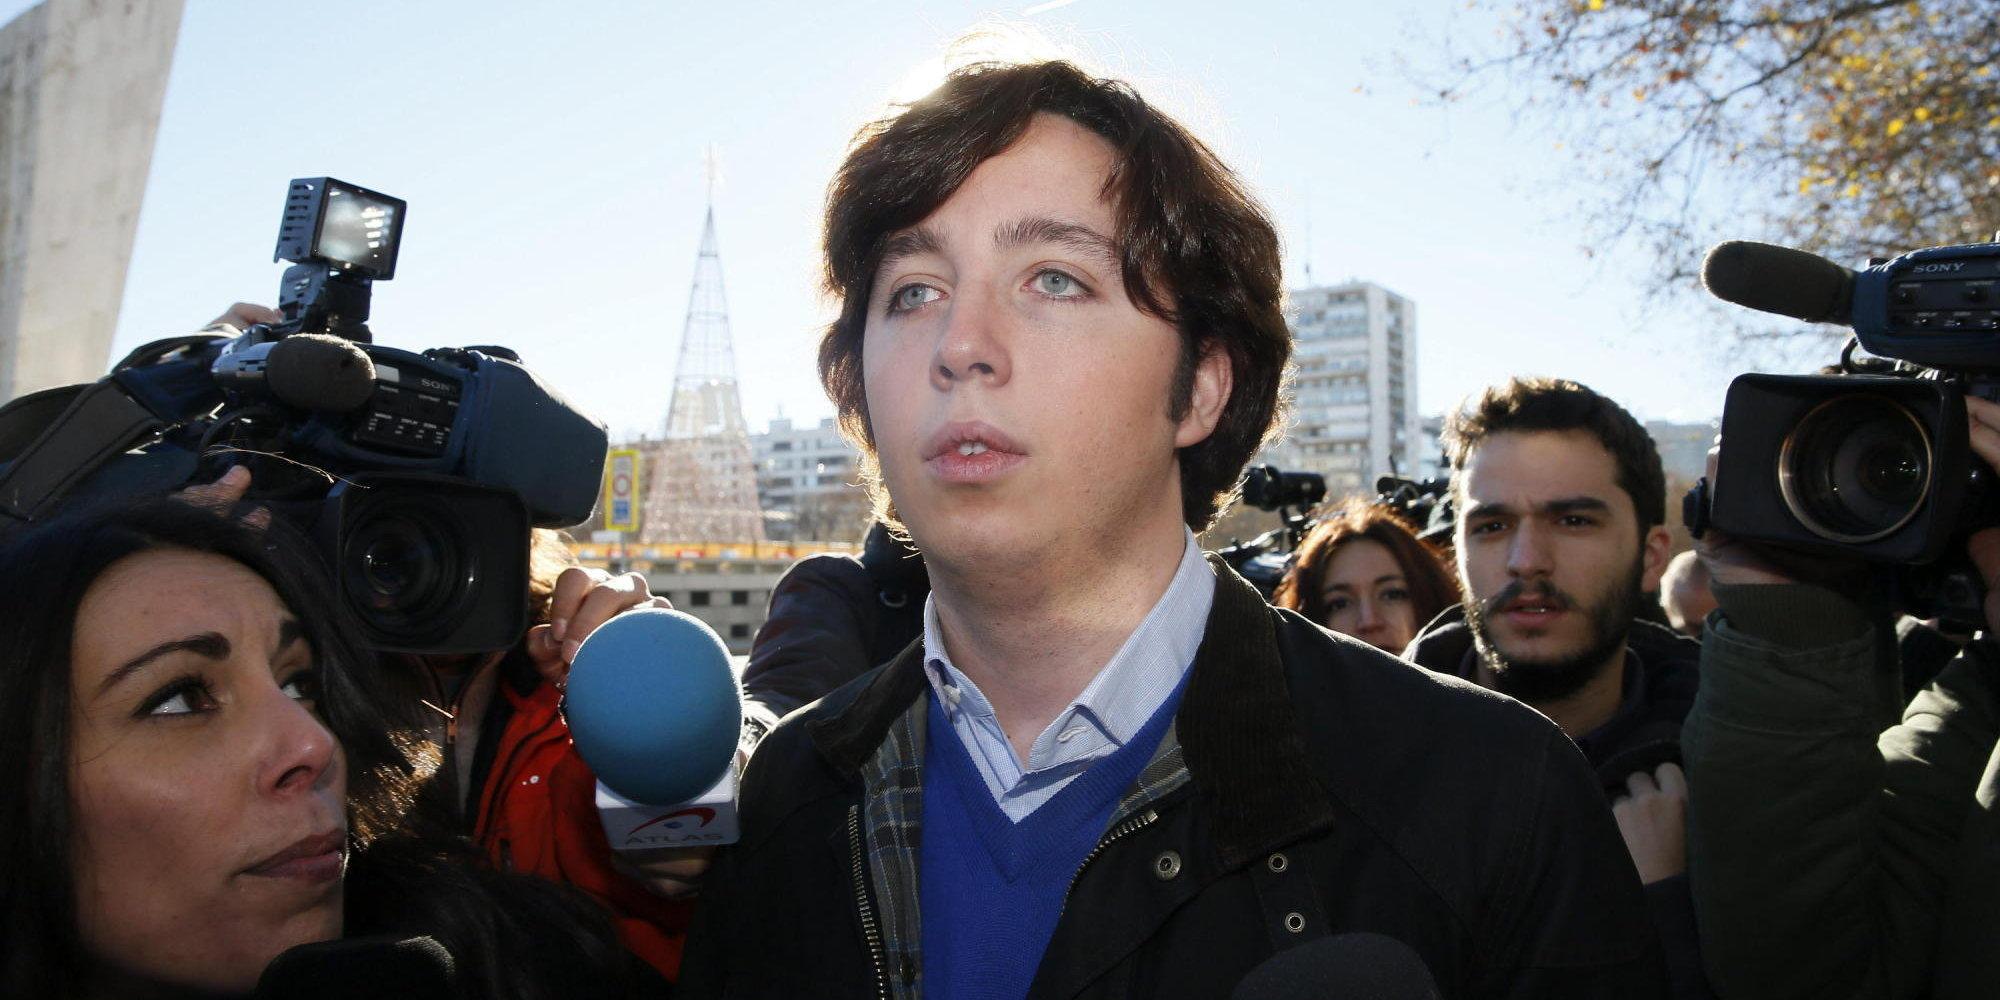 Pequeno Nicolas Baño:Encierran al 'pequeño Nicolás' en los baños de un bar tras negarse